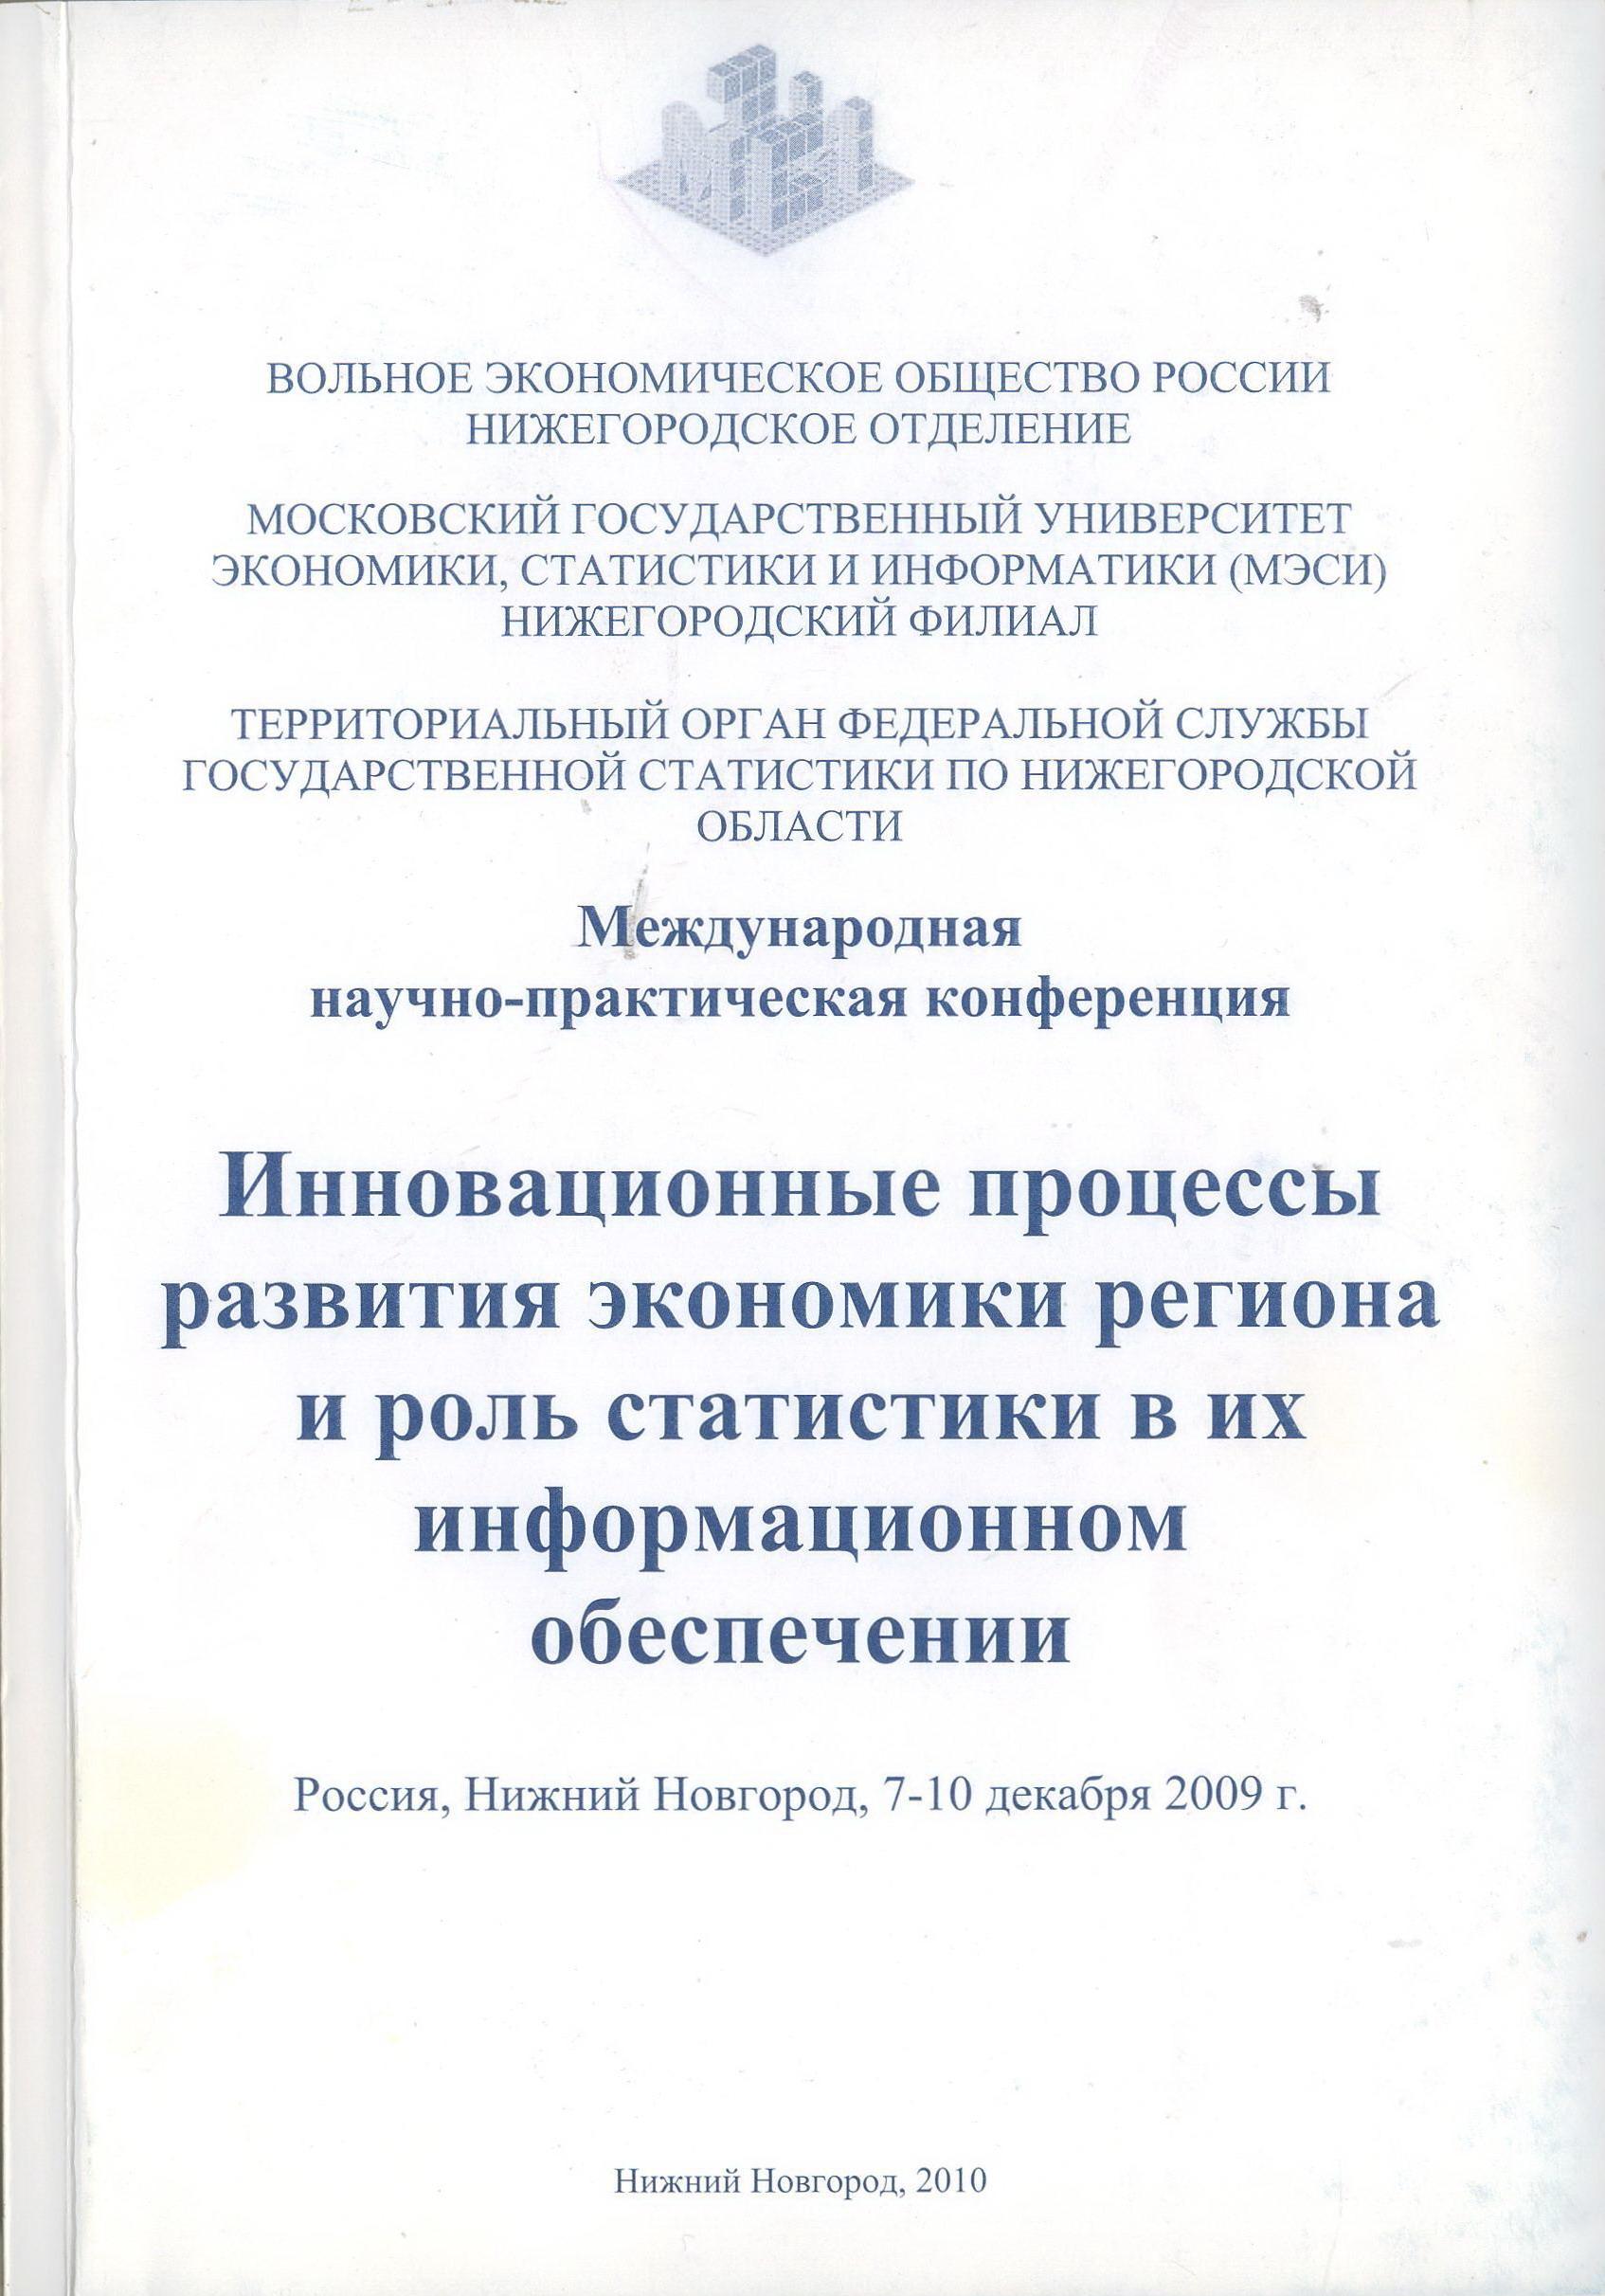 Инновационные процессы развития экономики региона и роль статистики в их информационном обеспечении: Международная научно-практическая конференция